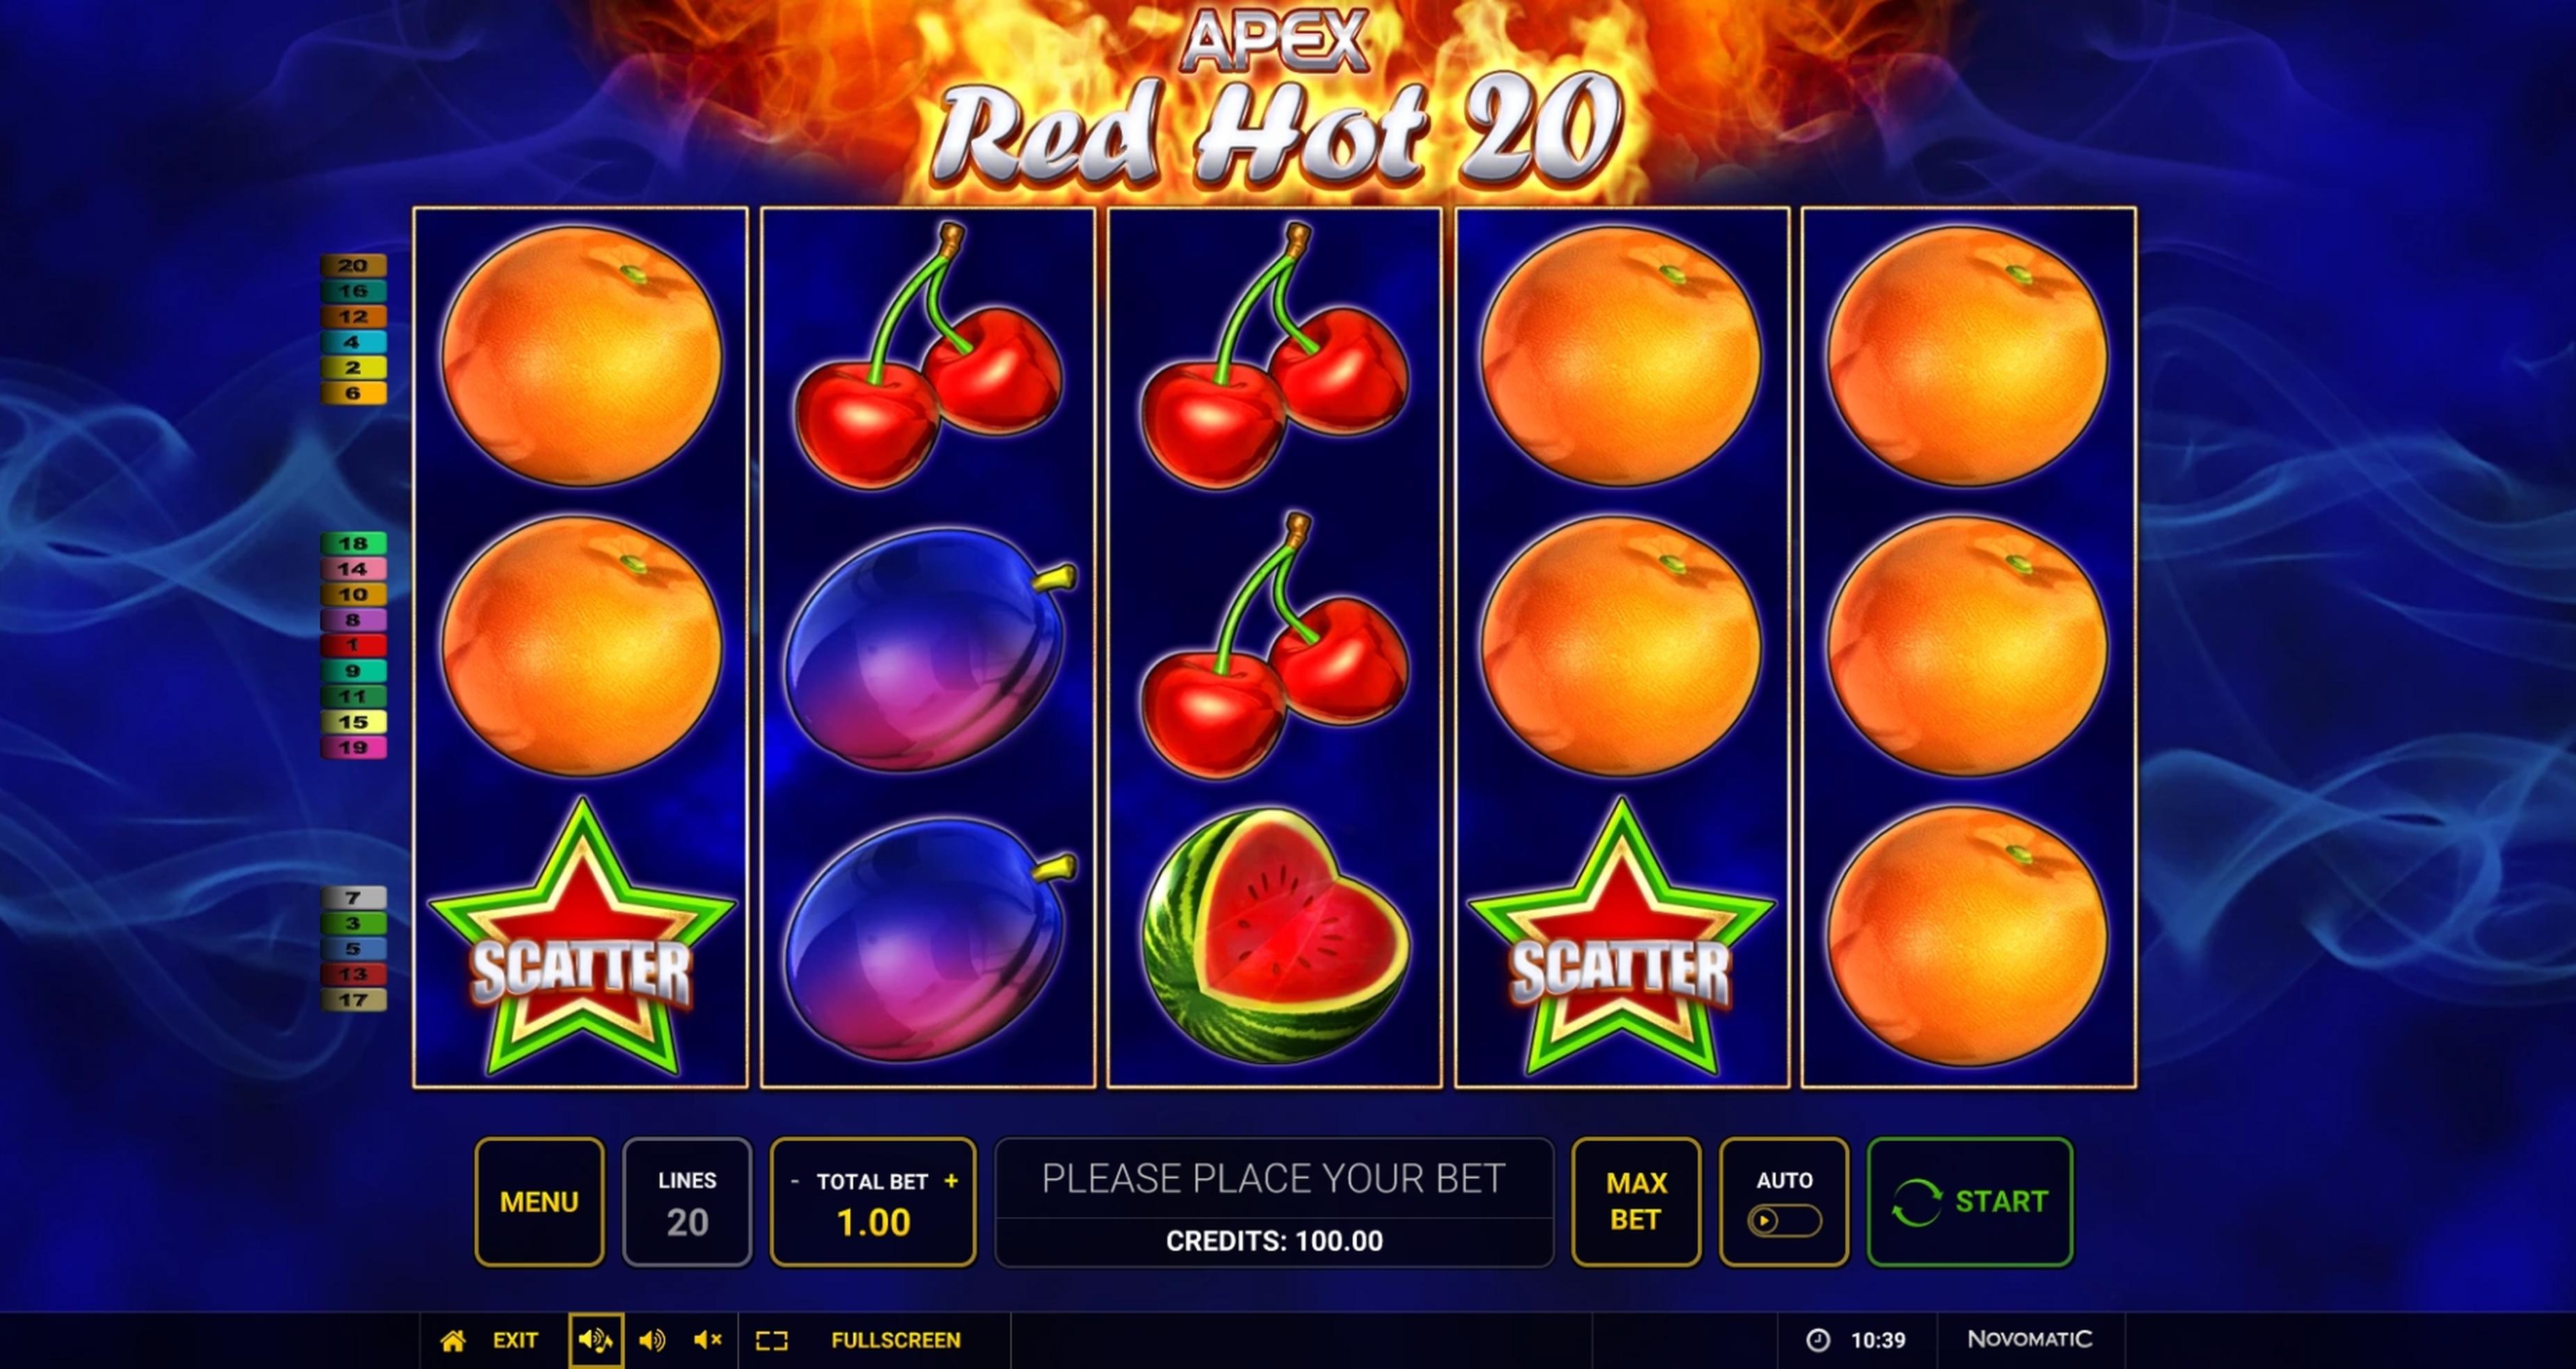 Free Slots Games Apex